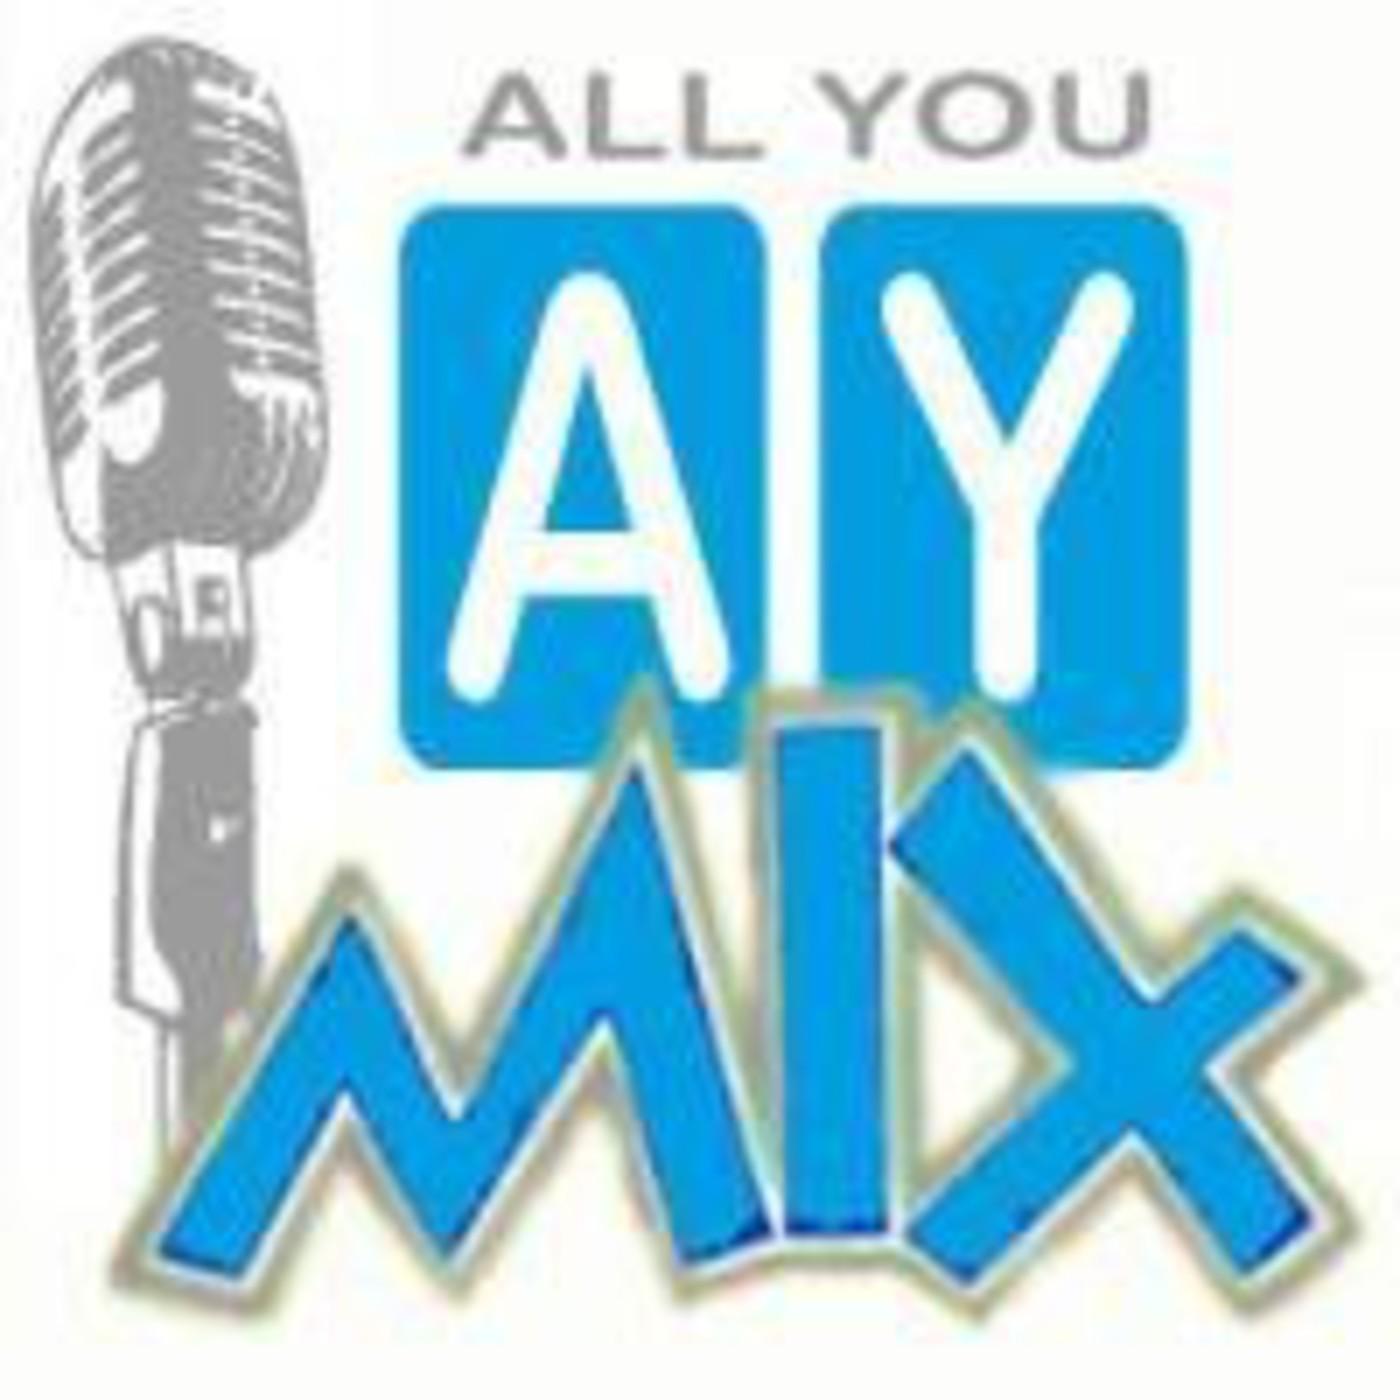 AYM-266 (10-04-2019) Especial Italo Disco Classics